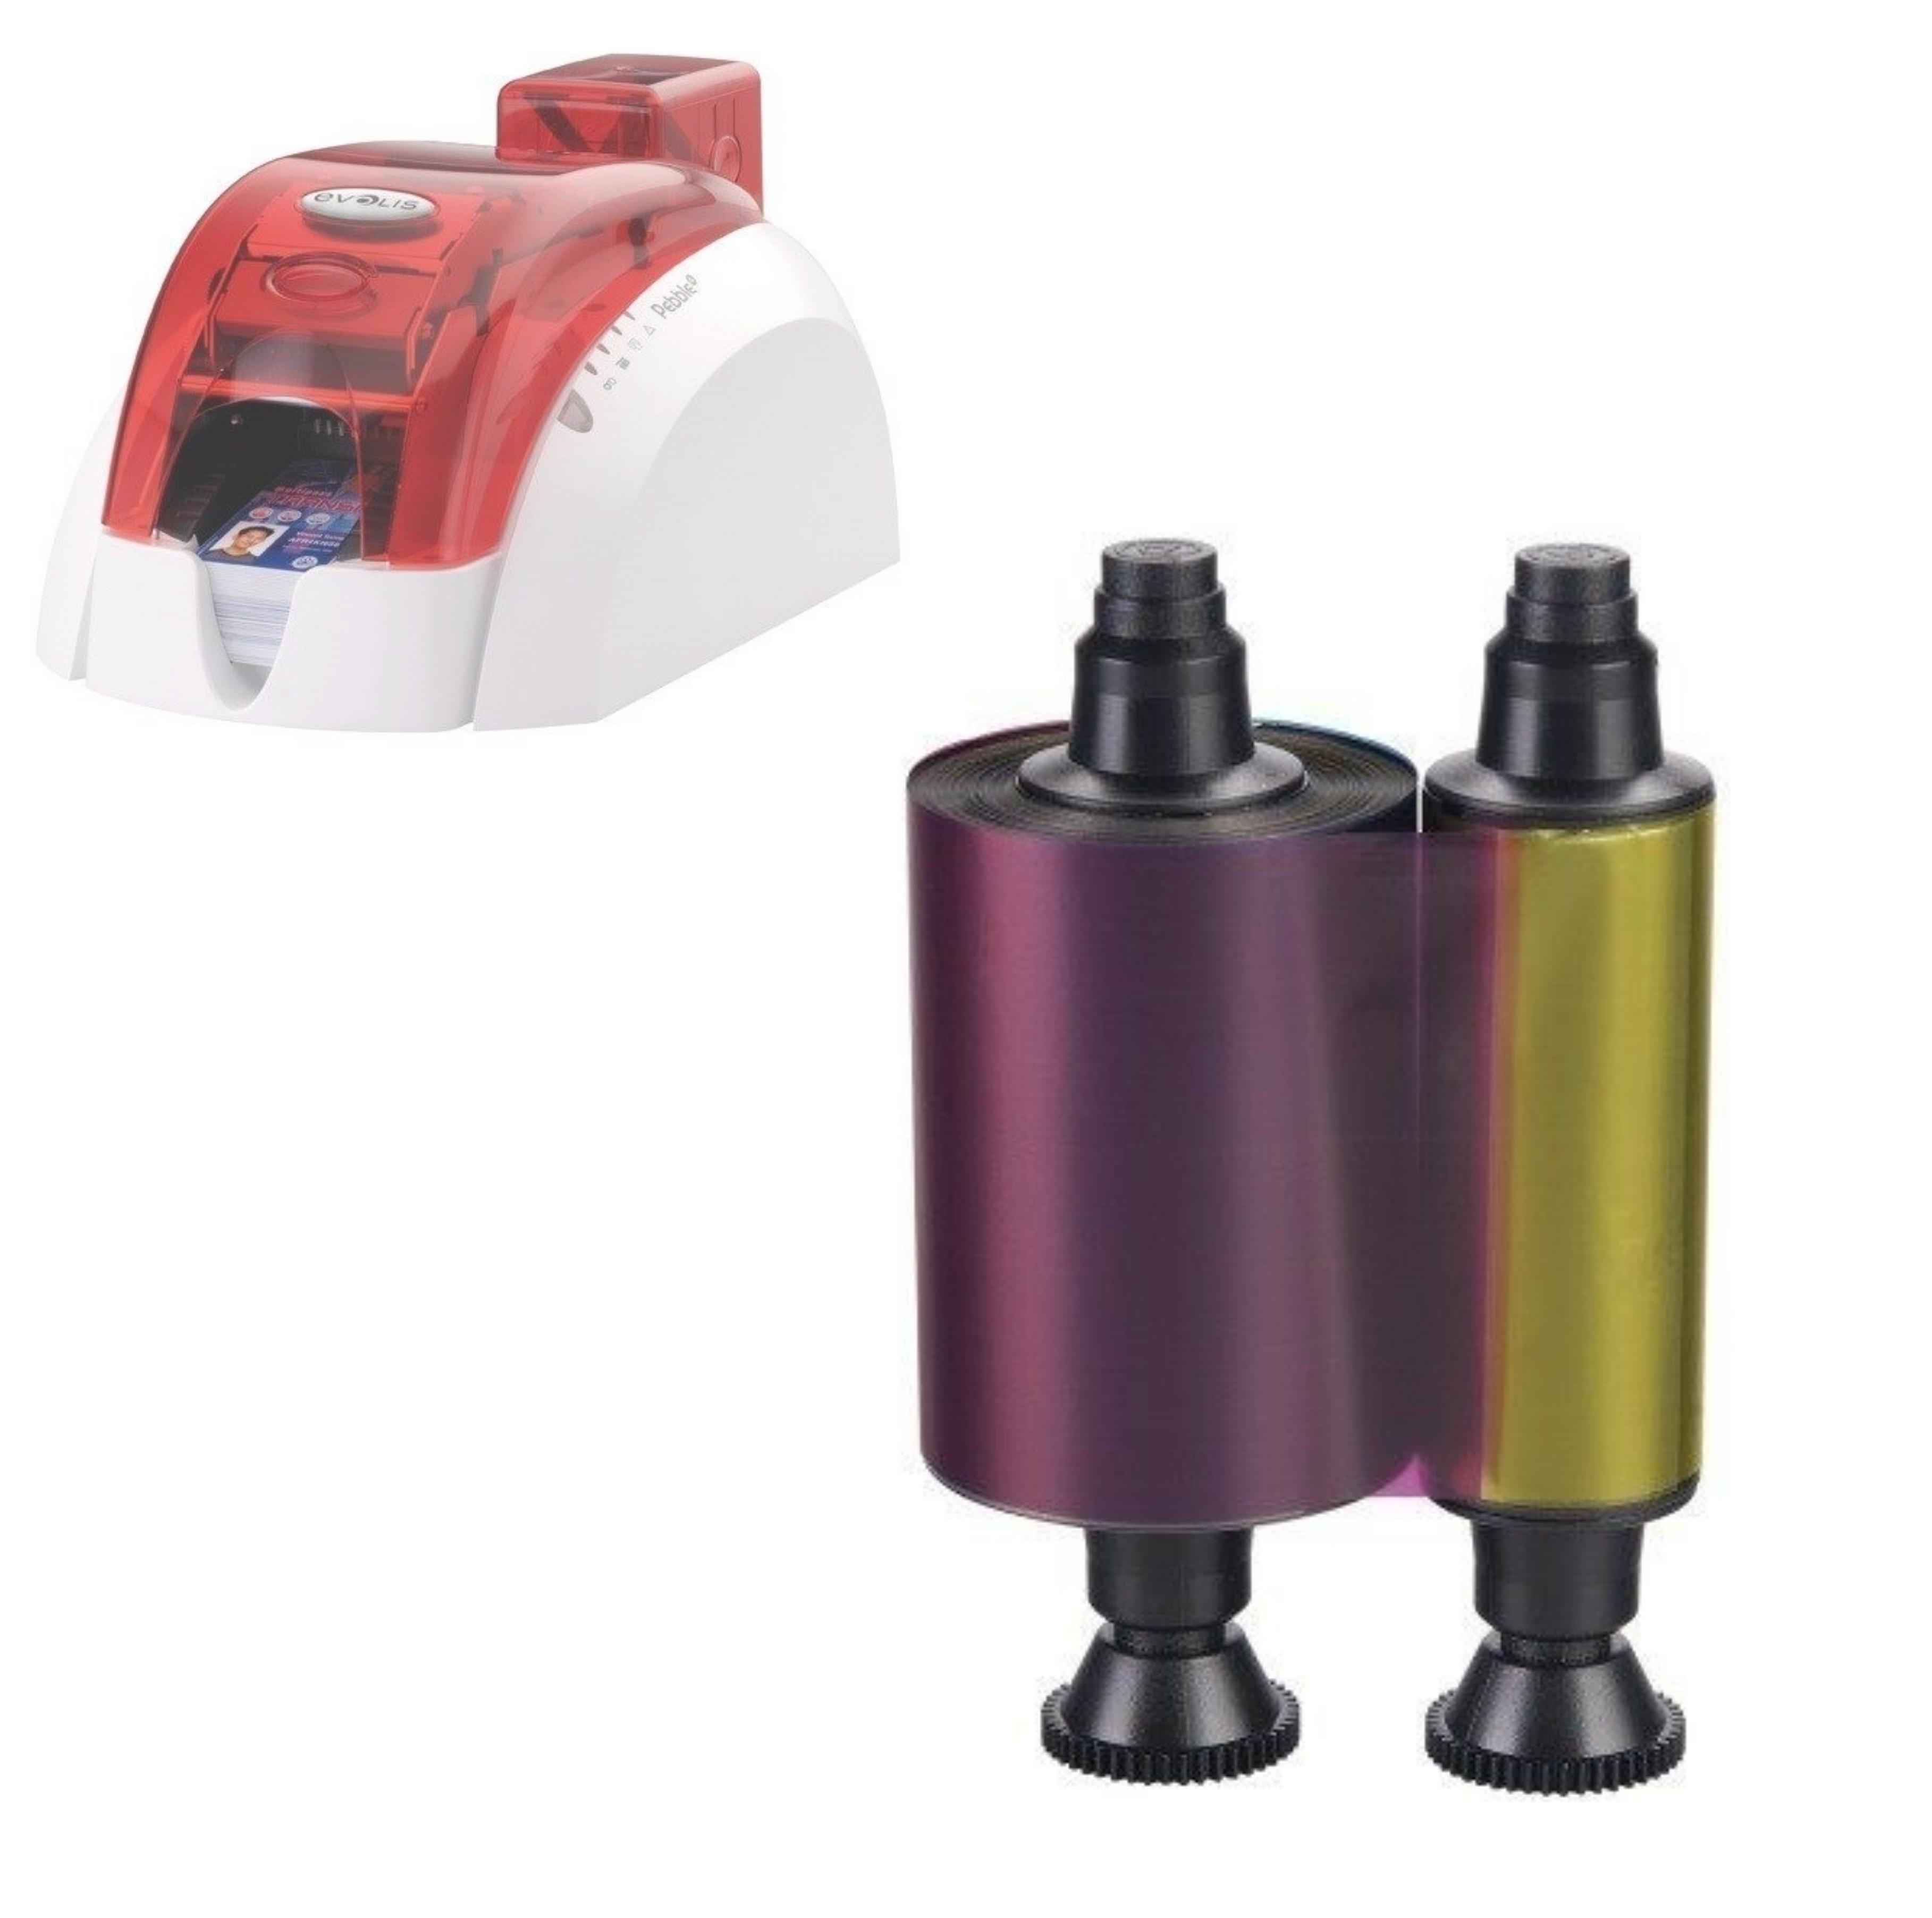 Consommables d'impression pour imprimantes Evolis Pebble4/Dualys3